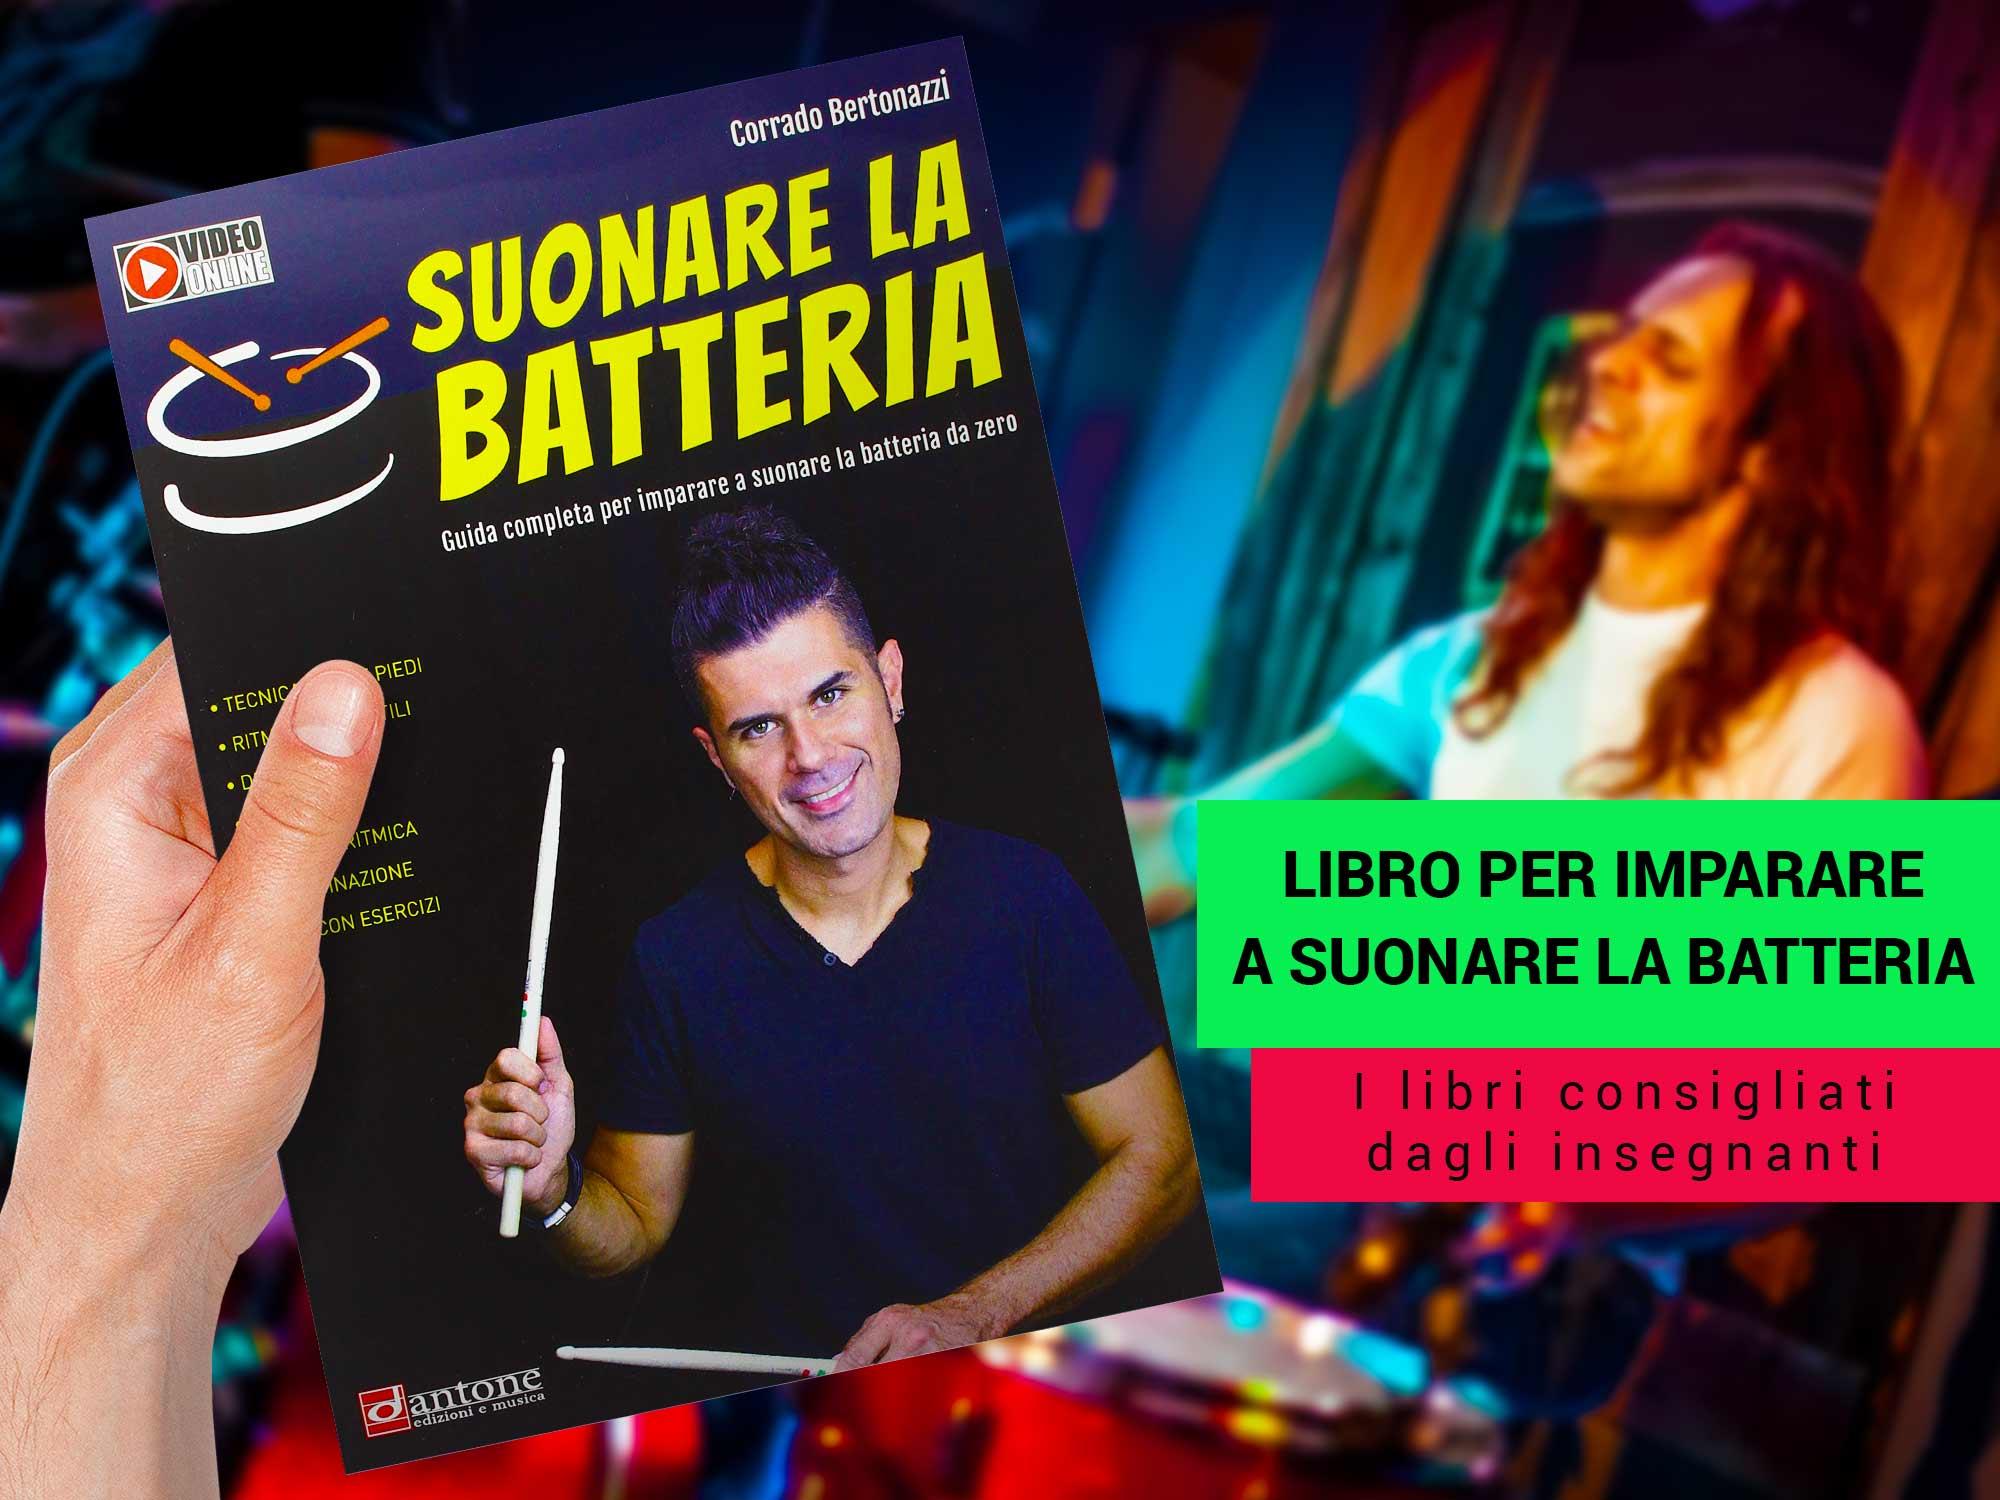 libro-per-imparare-a-suonare-la-batteria